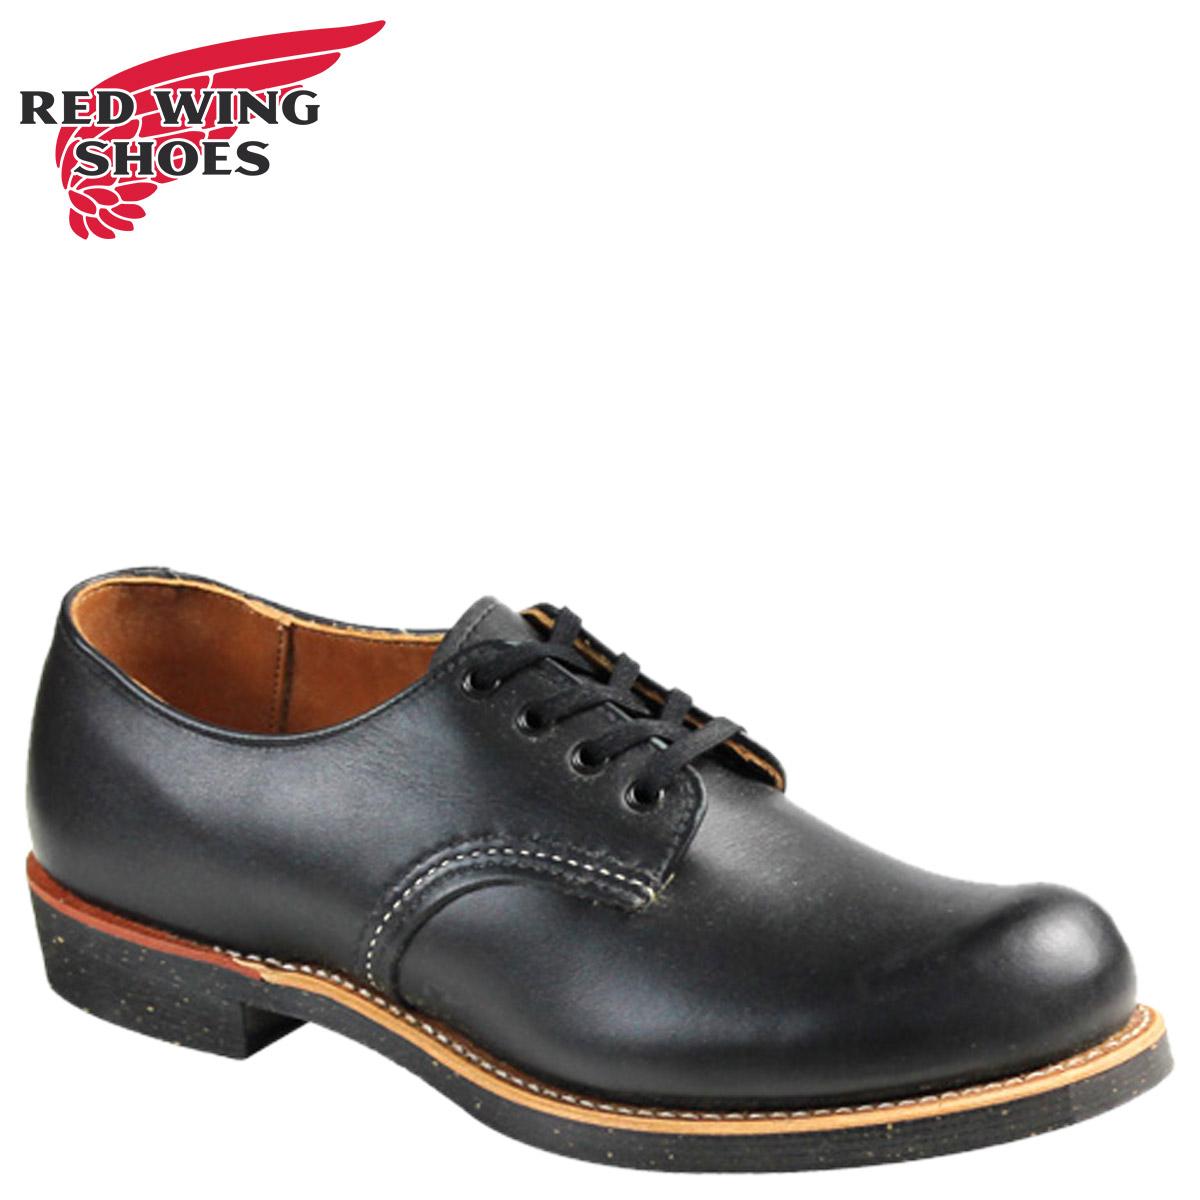 红红翼 8051 牛津牛津 D 智者皮革鞋在美国红翼男鞋